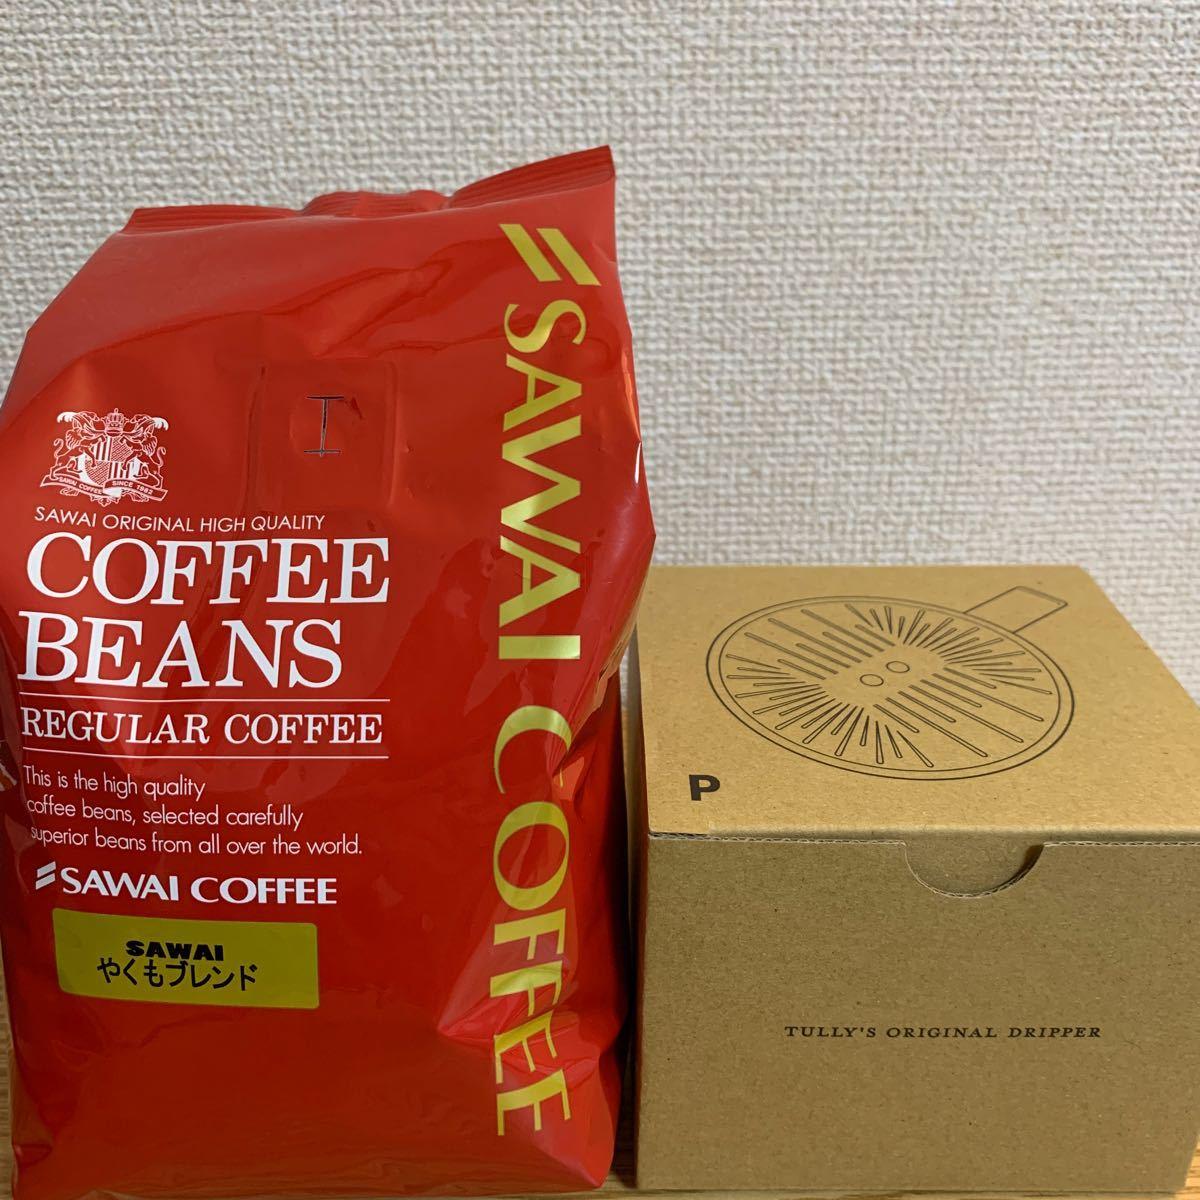 コーヒー豆500g+ タリーズ限定コーヒードリッパー